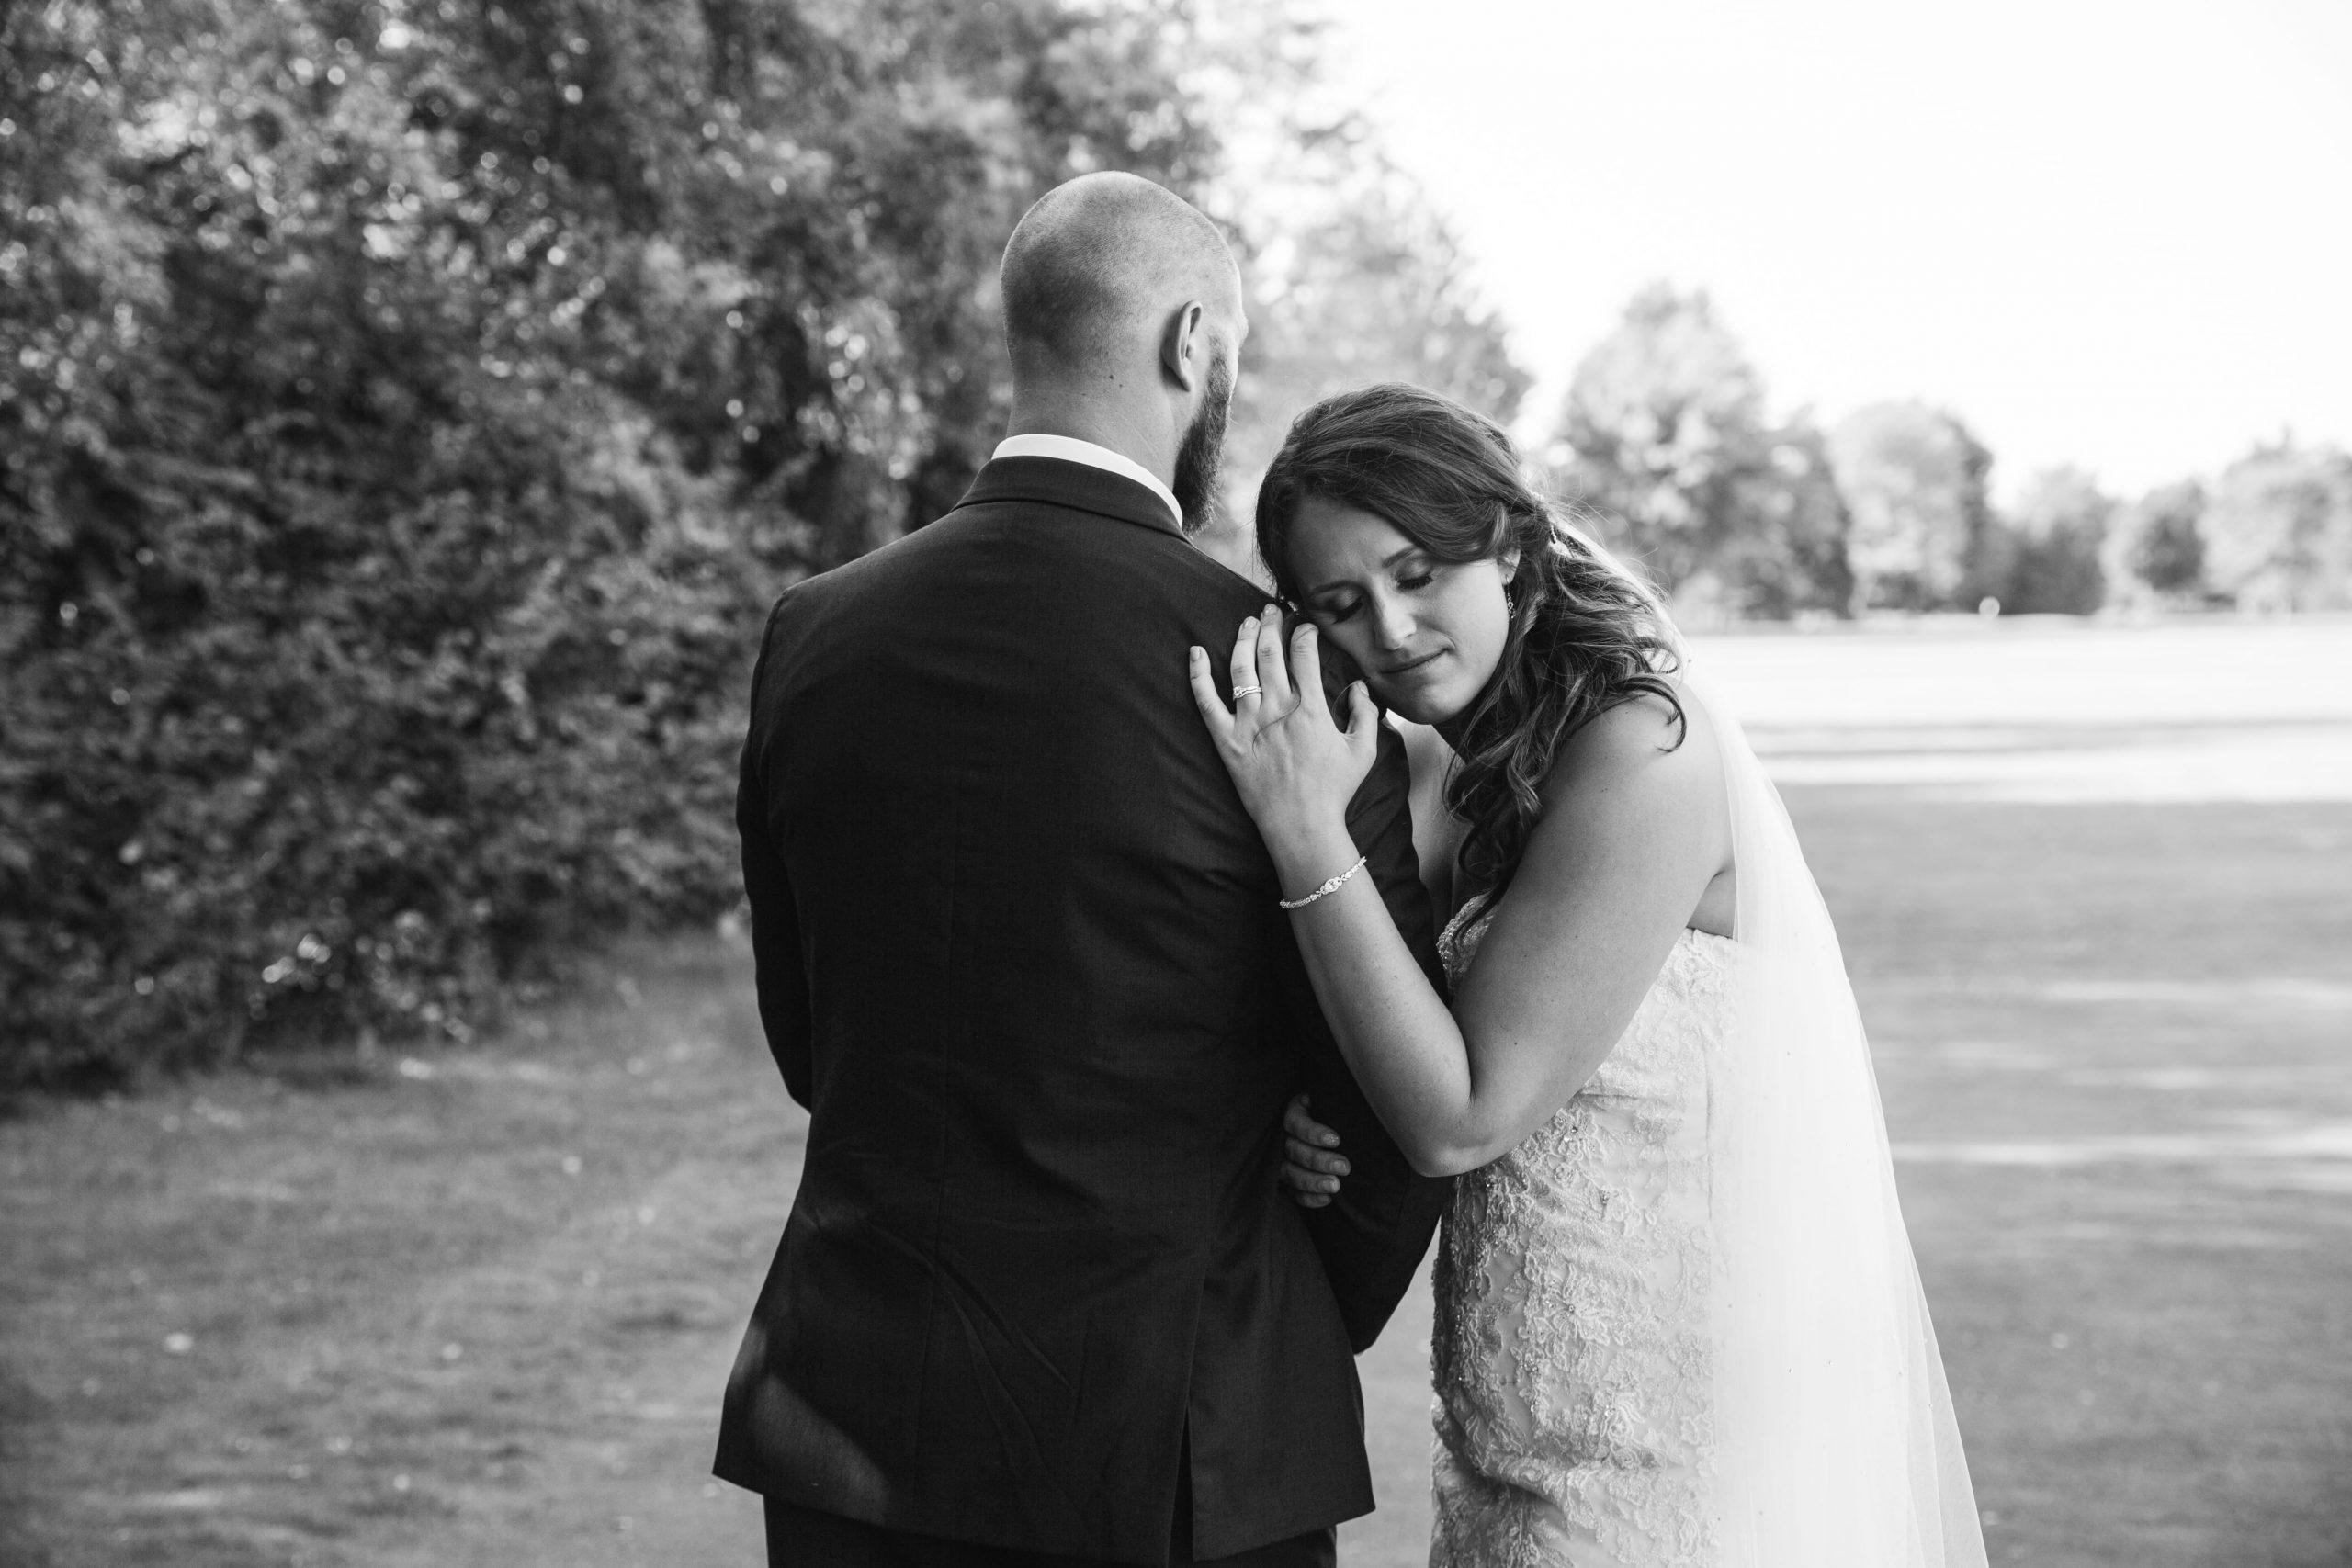 bride leaning head on groom's shoulder